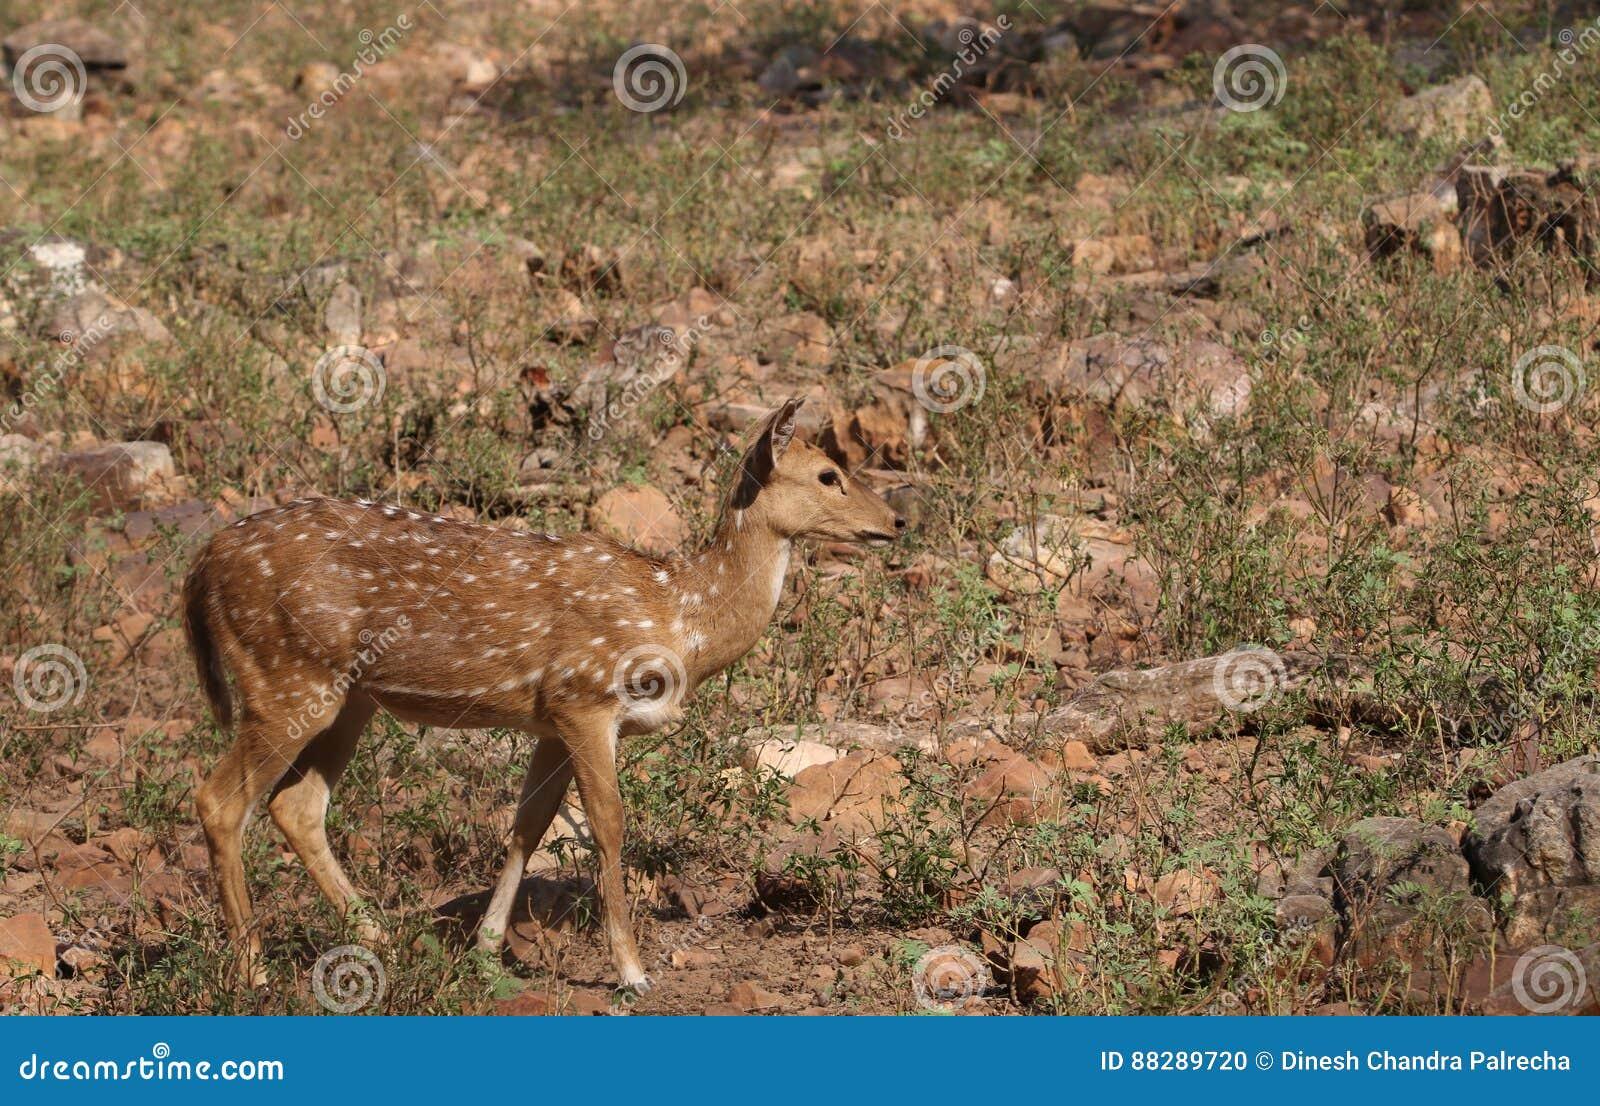 White spot deer